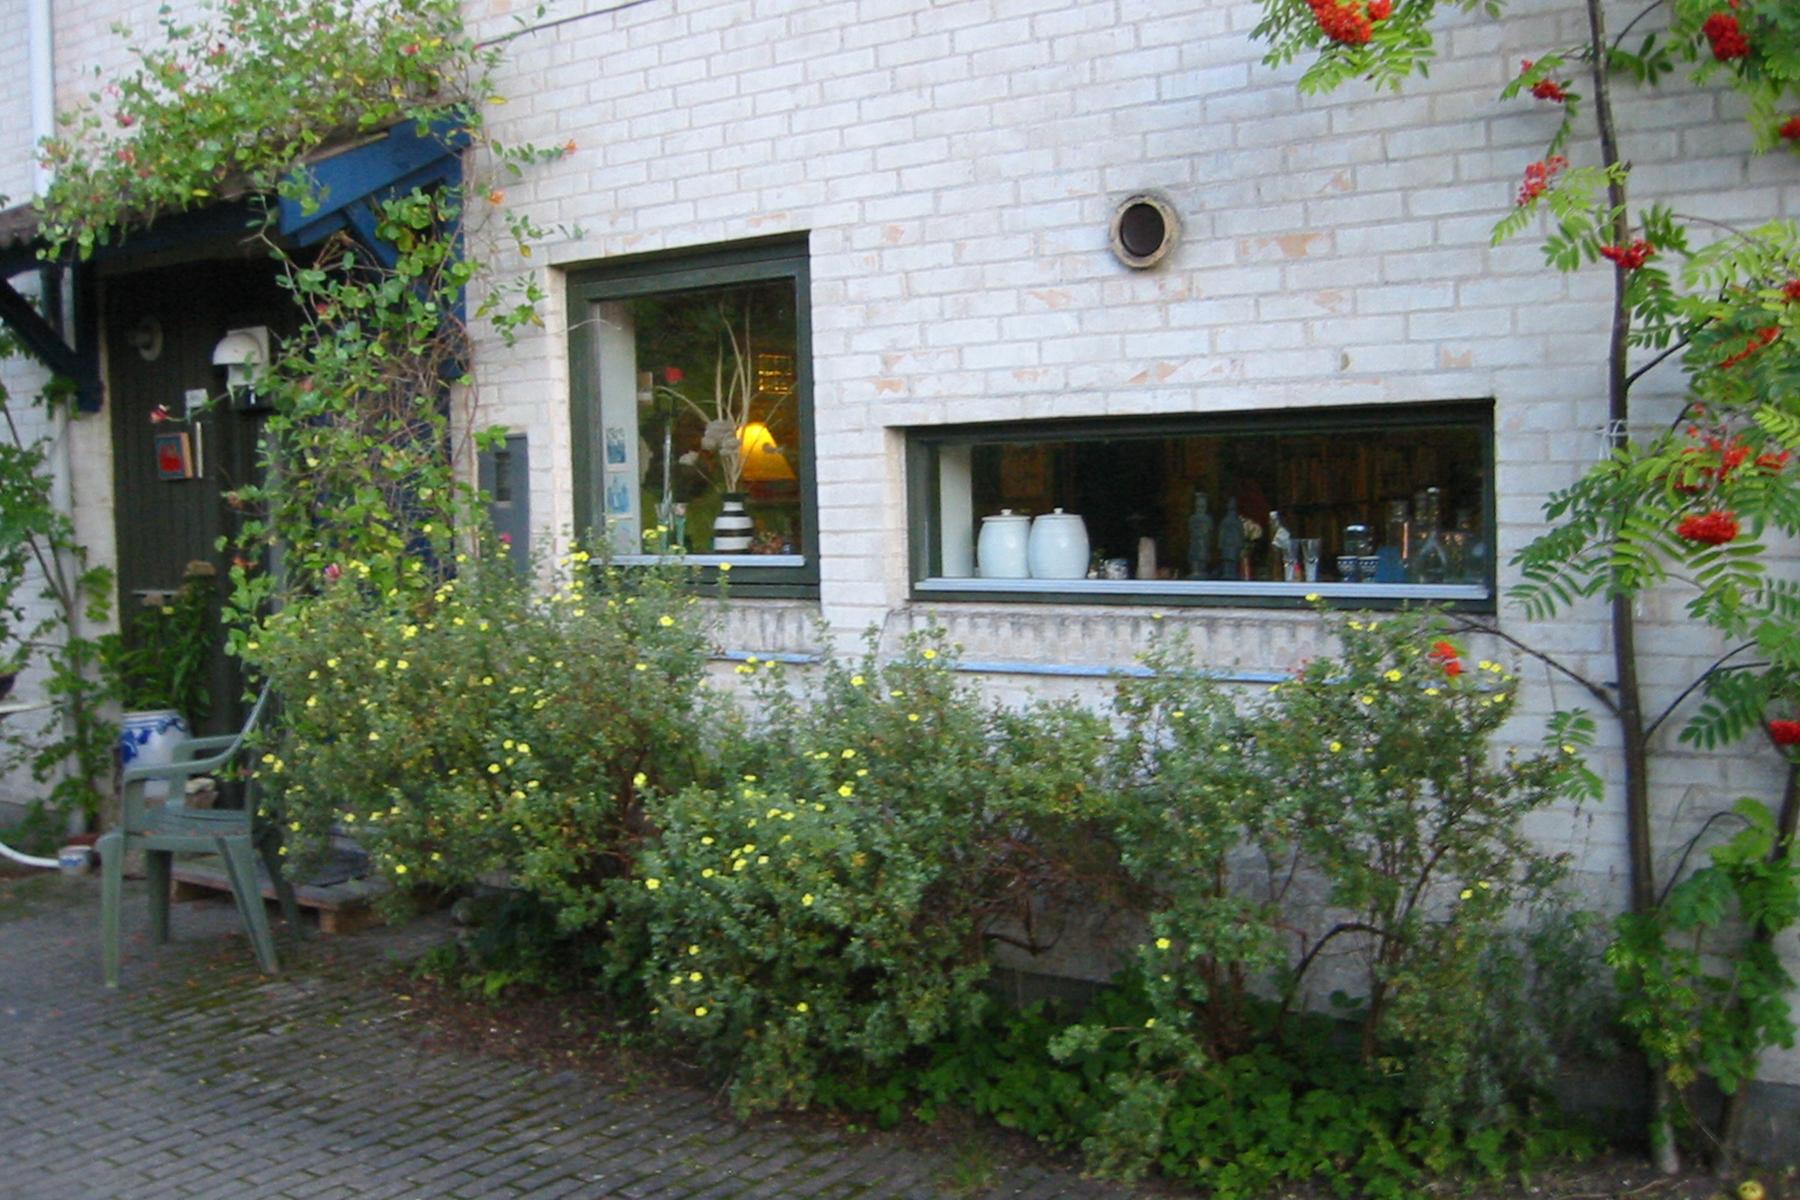 Andedammen Cohousing  in Birkerød, DK. Designed by Hogsberg og Wested, Hoff og Windinge